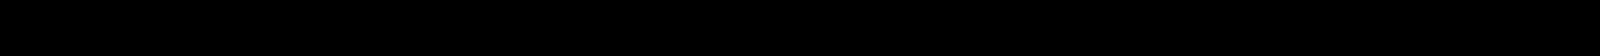 Eine Lungenerkrankung, die durch Quarzstaub verursacht wird- Silikose